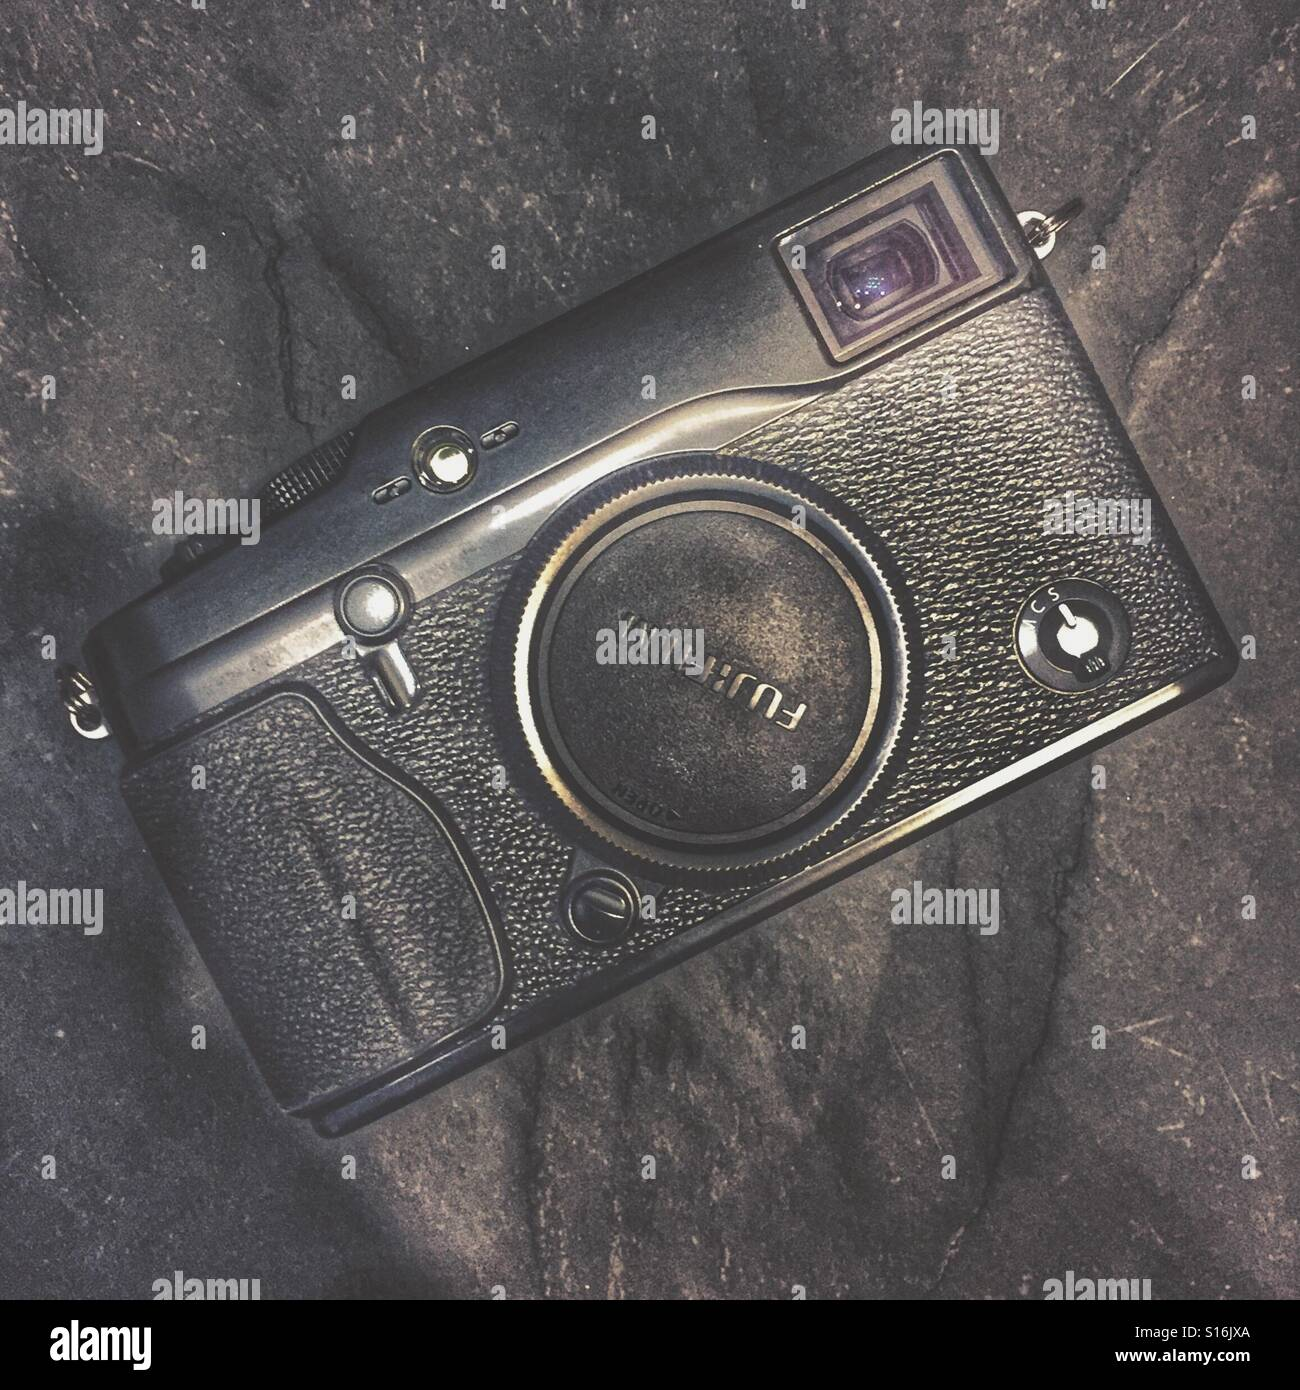 Fujifilm x pro - Stock Image